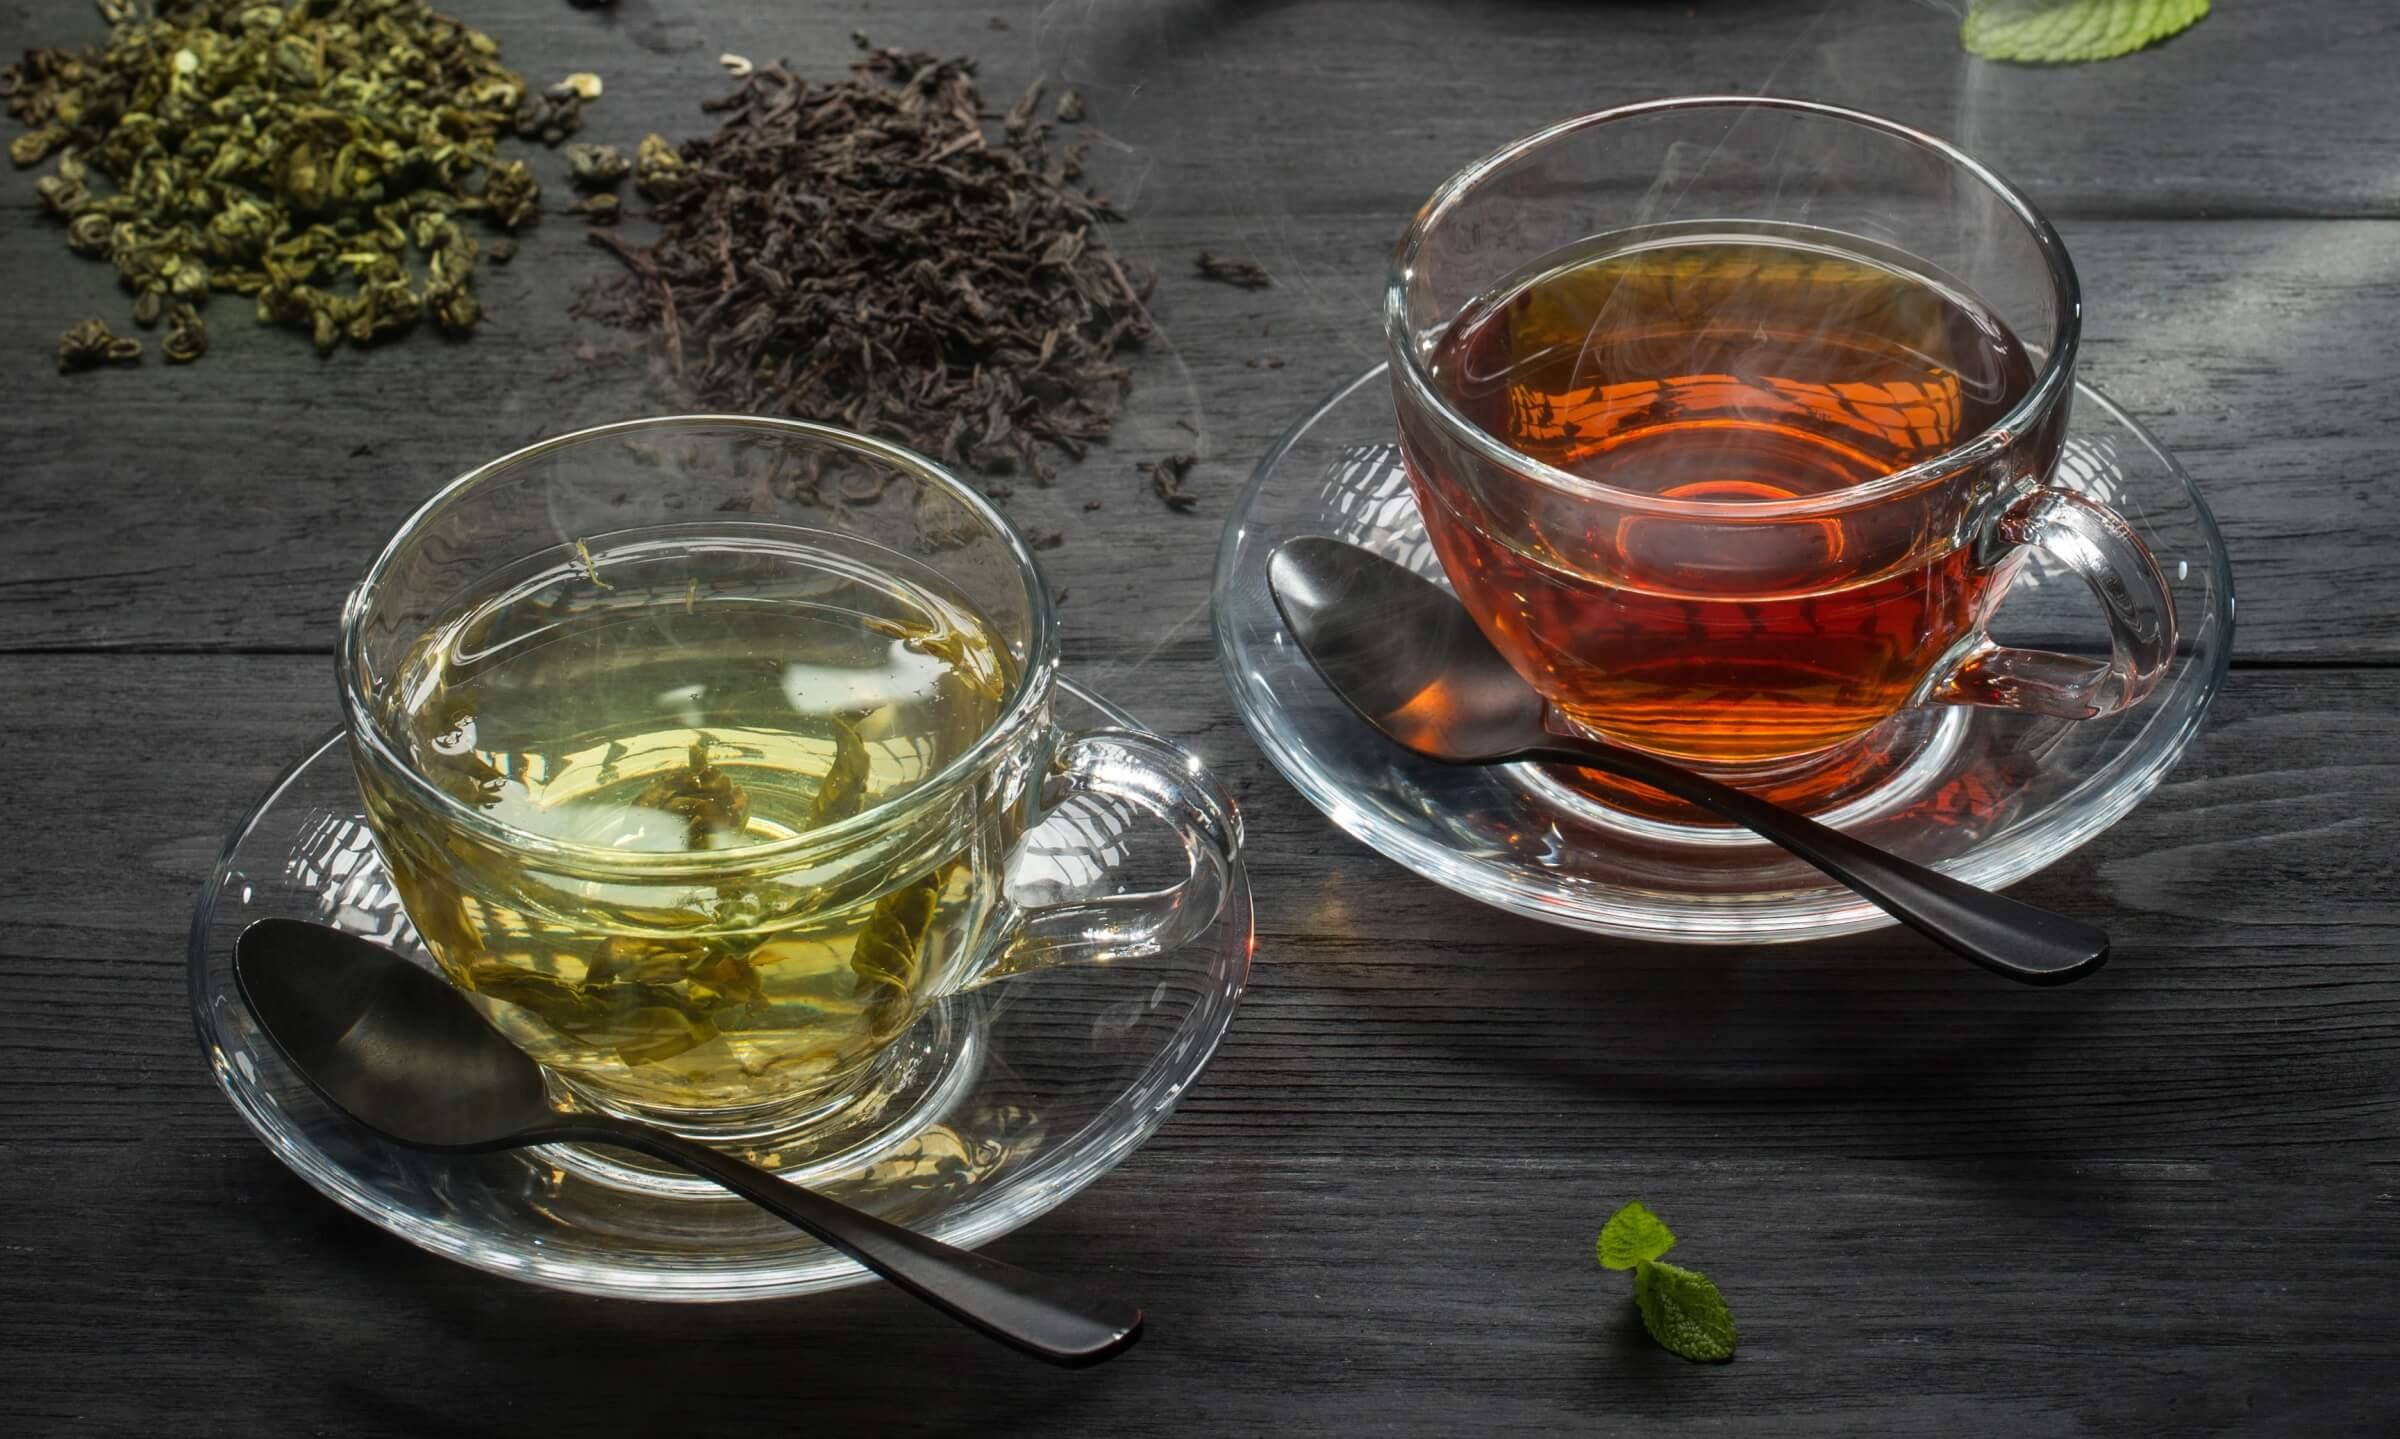 Як вибирати чай. Колір, зовнішній вигляд, упакування